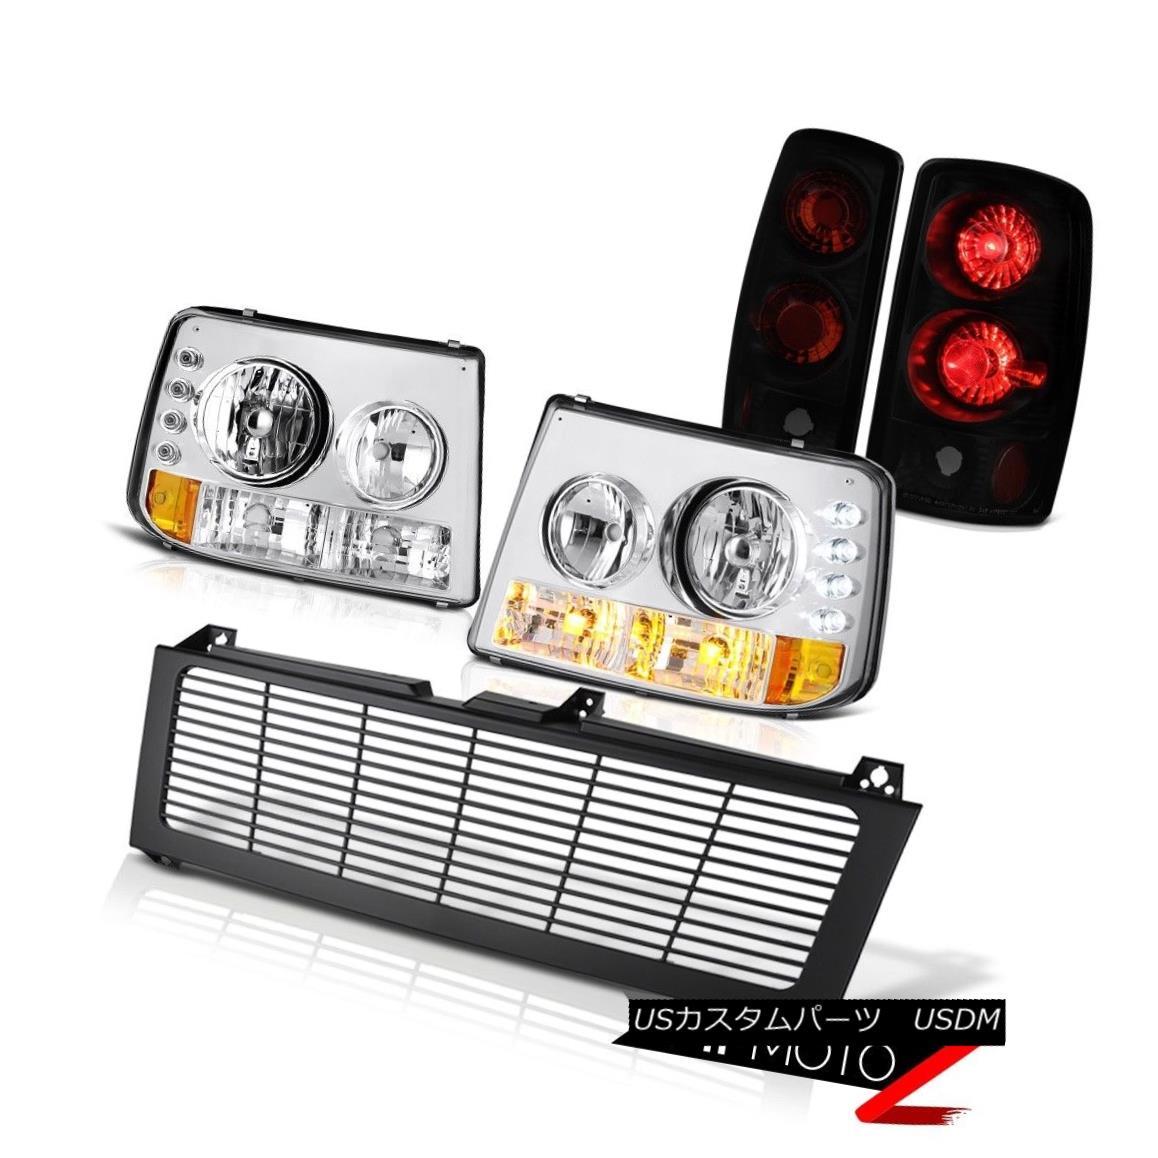 テールライト 2000-06 Suburban 5.3L Signal Headlights Sinister Black Rear Tail Lights Grille 2000-06郊外5.3Lシグナルヘッドライト不快な黒いリアテールライトグリル